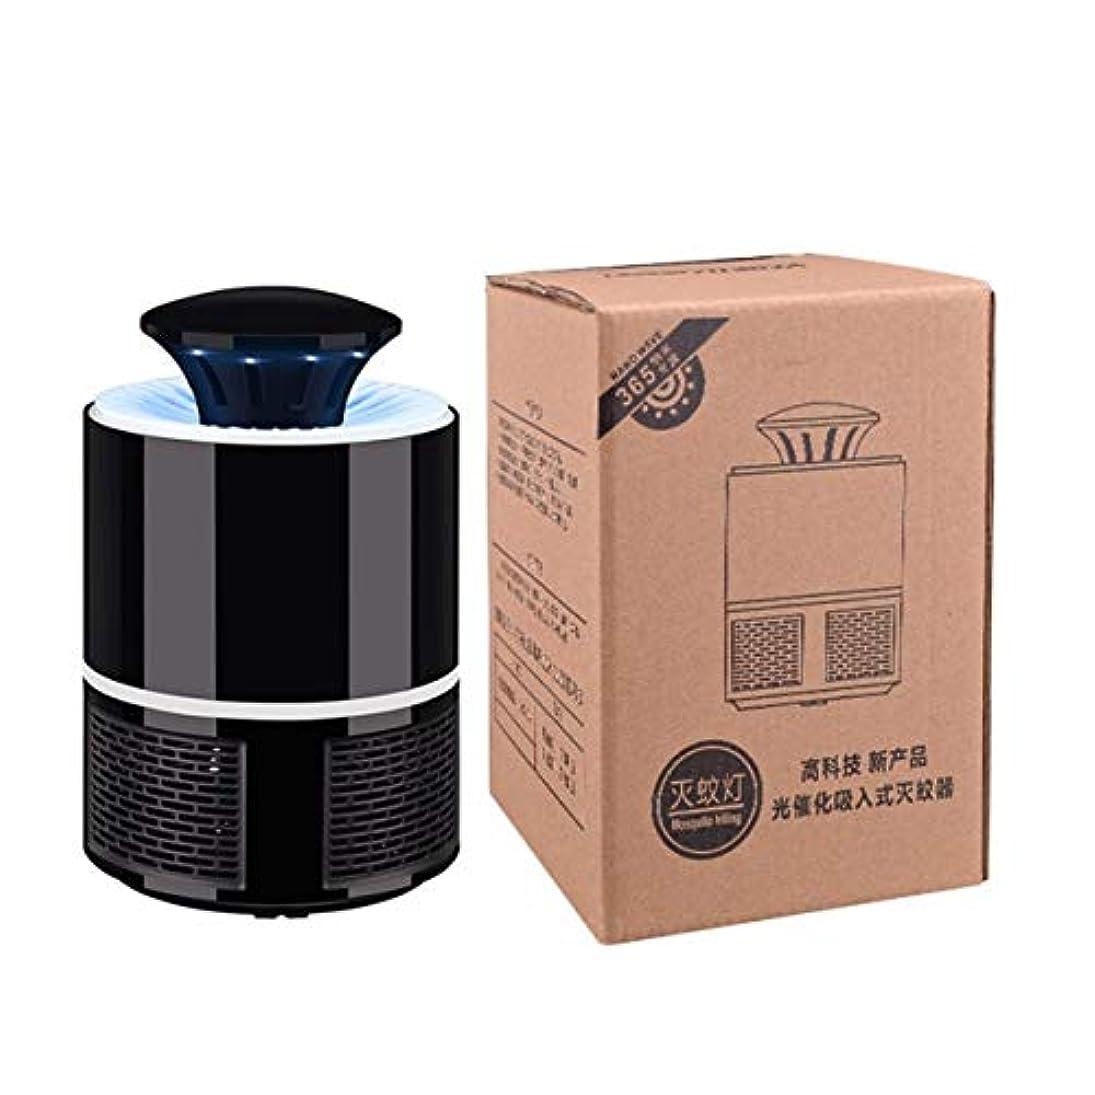 コークスアンプアベニューSaikogoods USB無放射電子モスキートキラーライトランプ家庭の使用は USBモスキートトラップバグ昆虫ザッパーLEDライト 黒